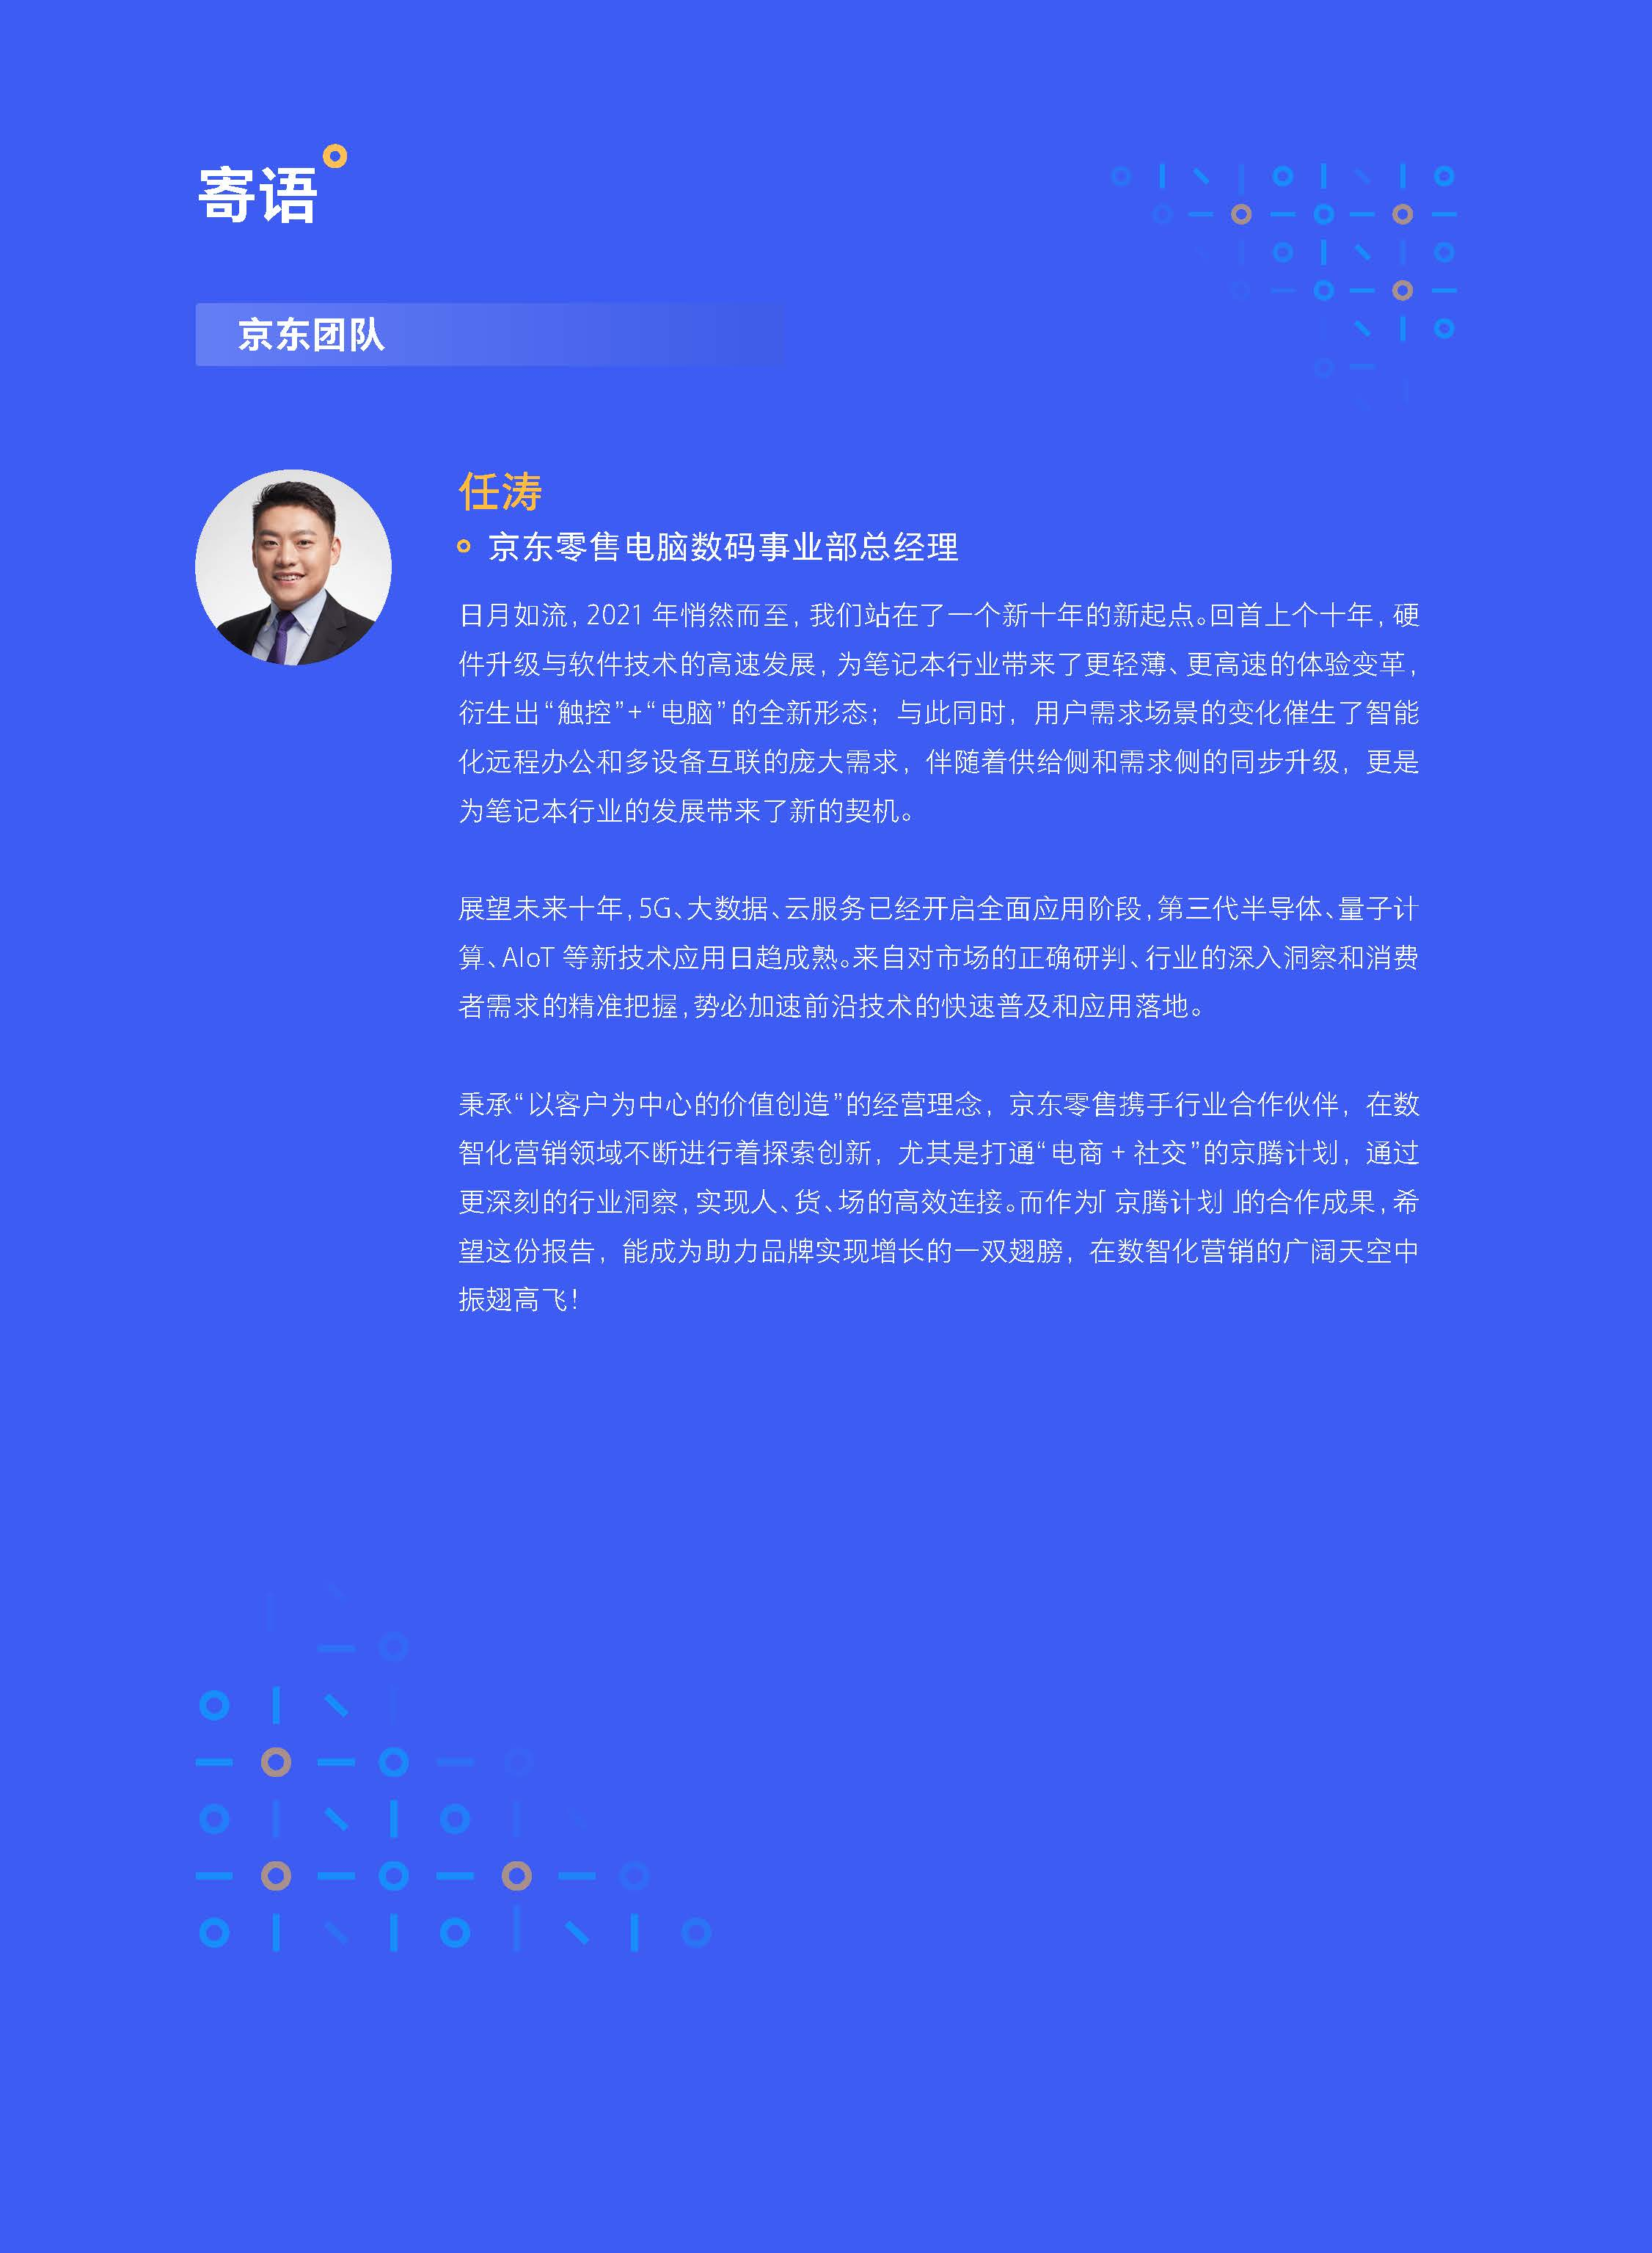 腾讯联合京东,发布笔记本电脑行业营销洞察白皮书图3